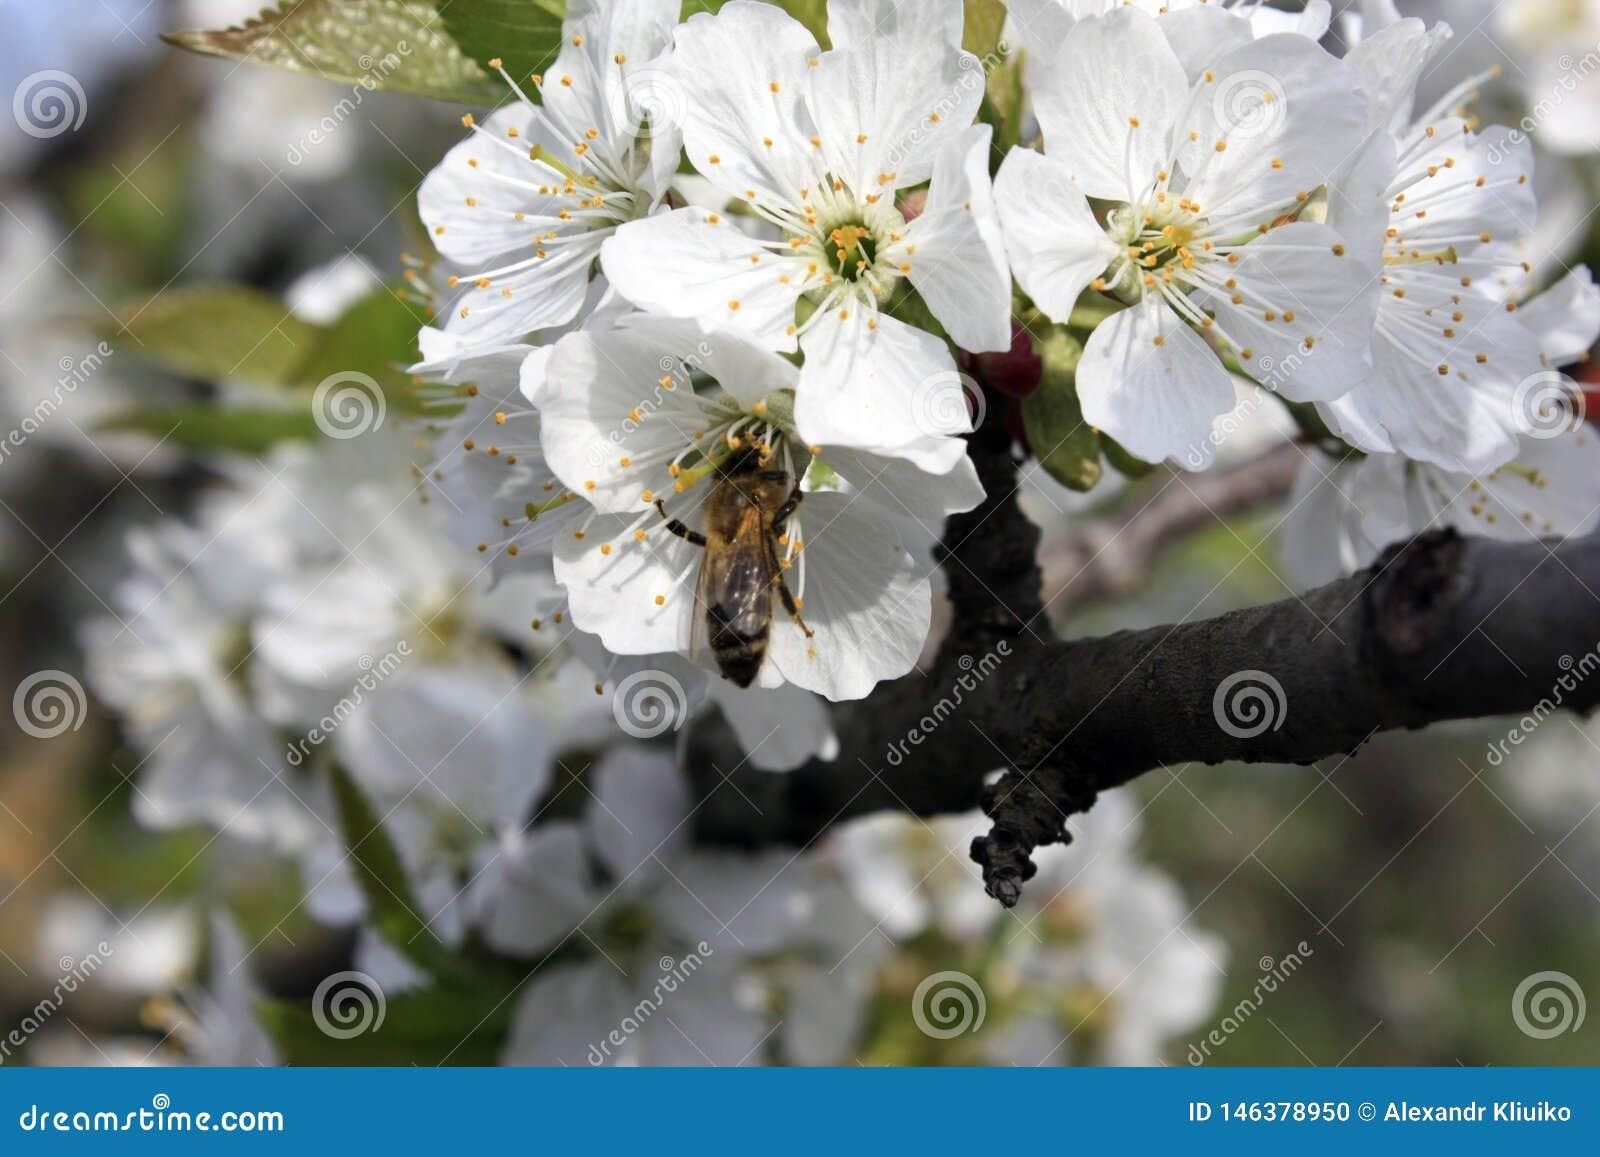 Un arbre fruitier de floraison avec une abeille sur une fleur blanc-rose Fond brouillé, journée de printemps ensoleillée claire M